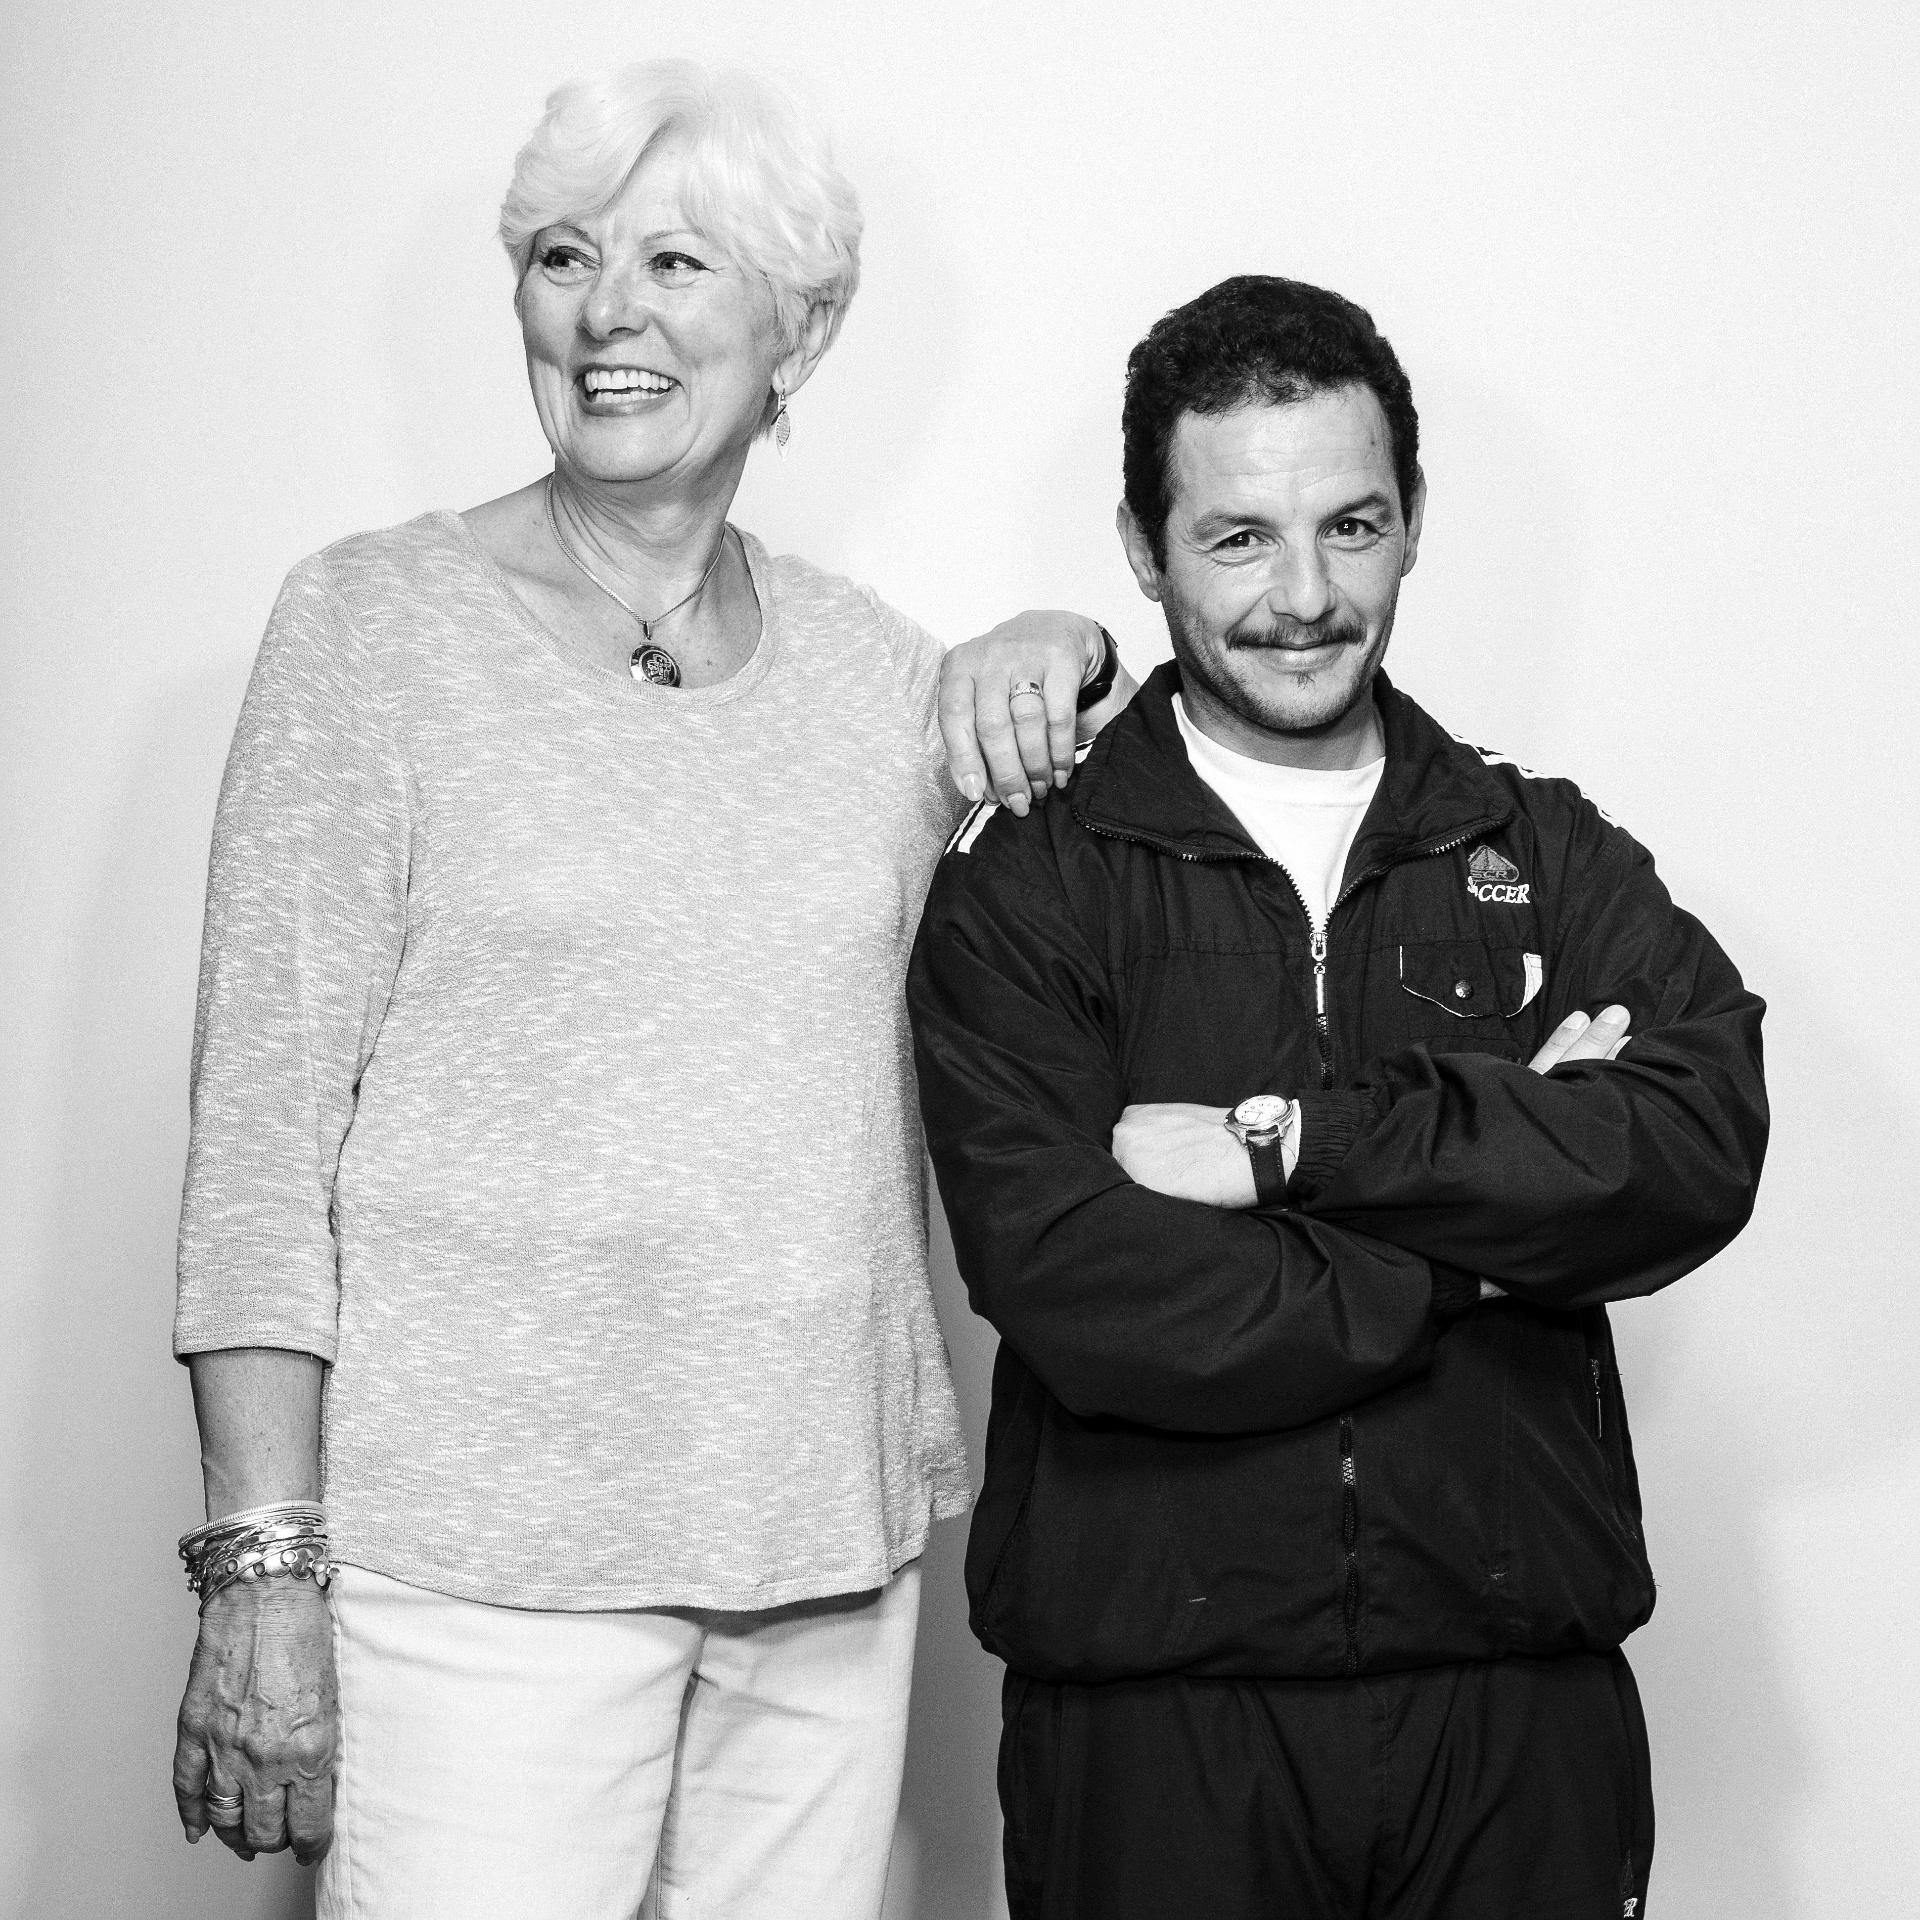 21.mai.2016 - Jan Dowler (esq.) é a patrocinadora canadense que ajuda Mouhamad Ahmed, que passou anos em um campo de refugiados no Líbano com sua família